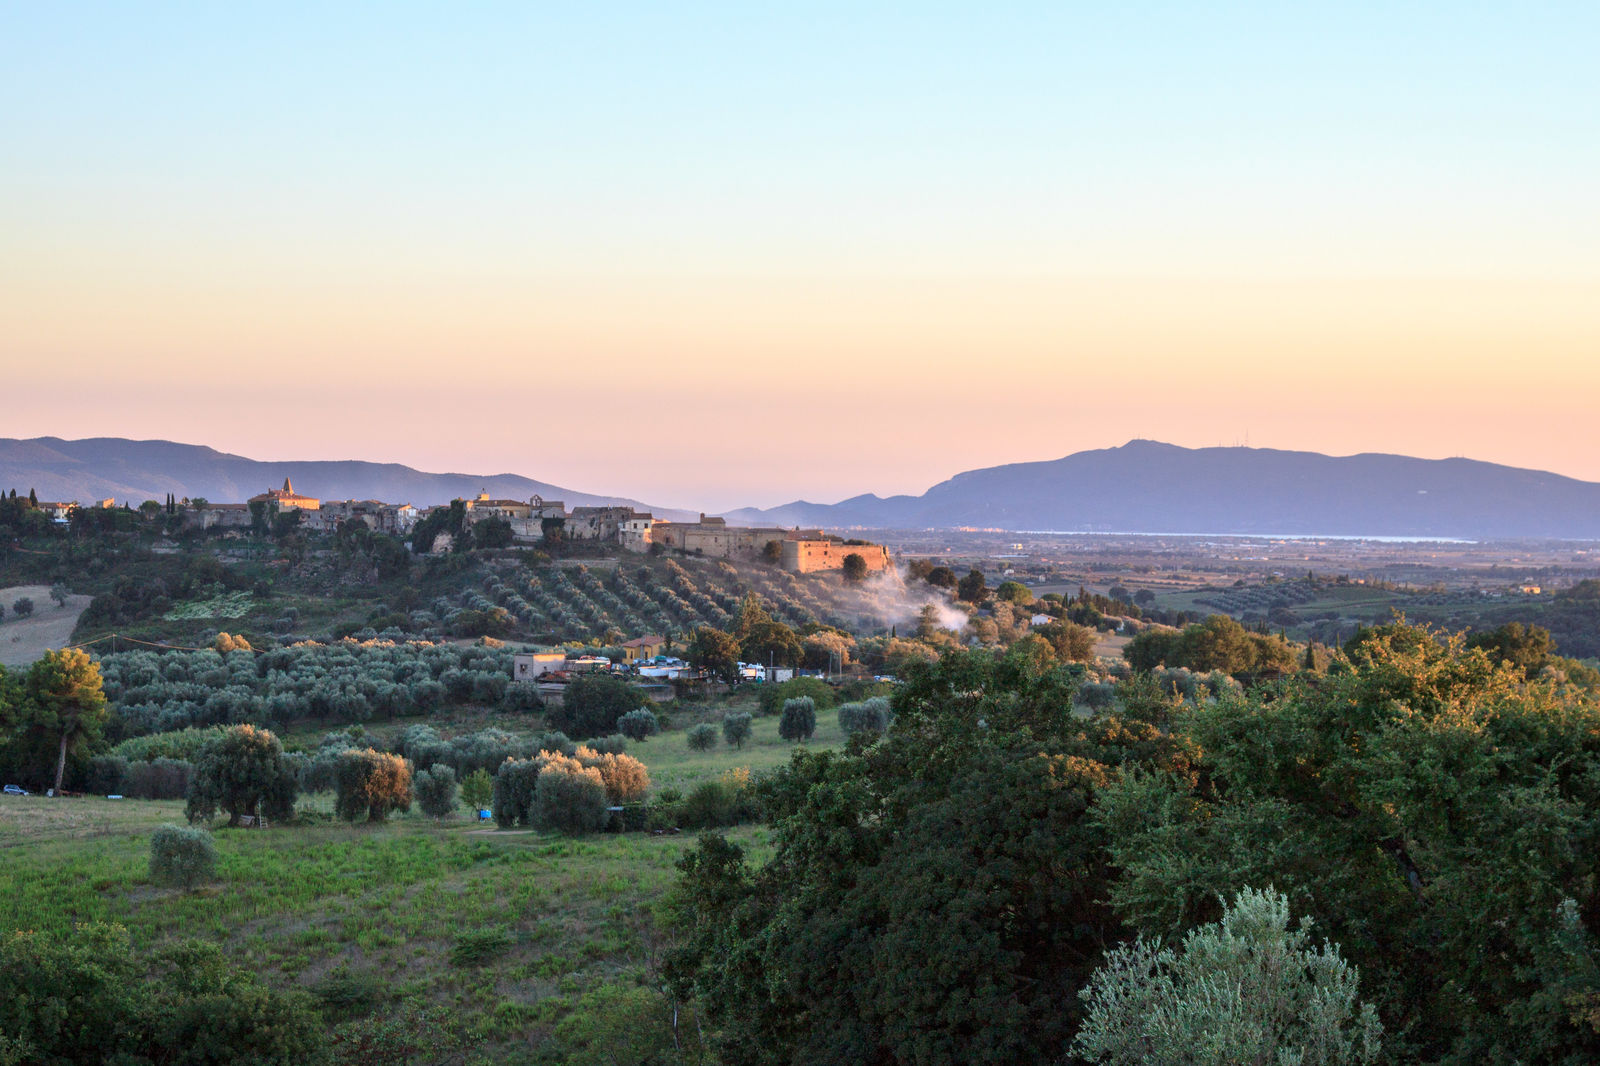 Magliano in Toscana - I Luoghi dello spirito - Toscana Ovunque Bella